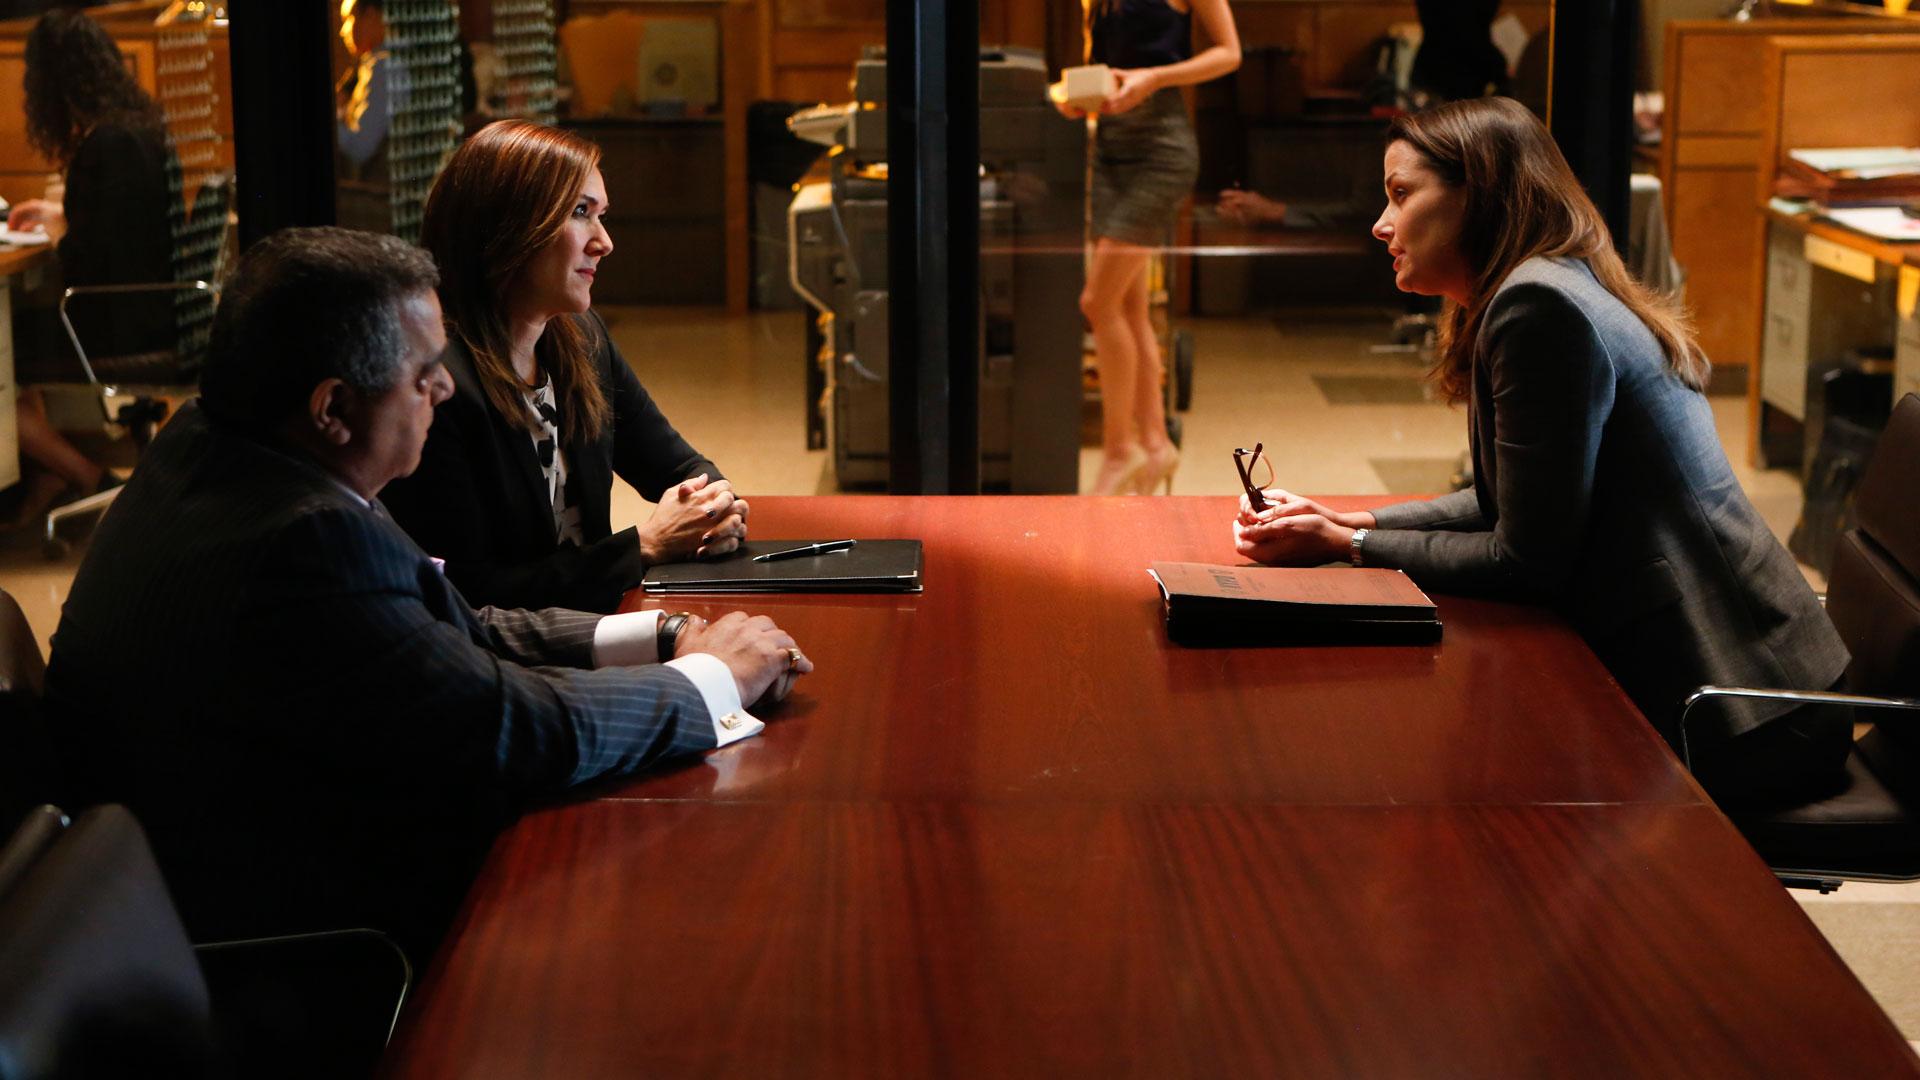 Bridget Moynahan as Erin Reagan-Boyle